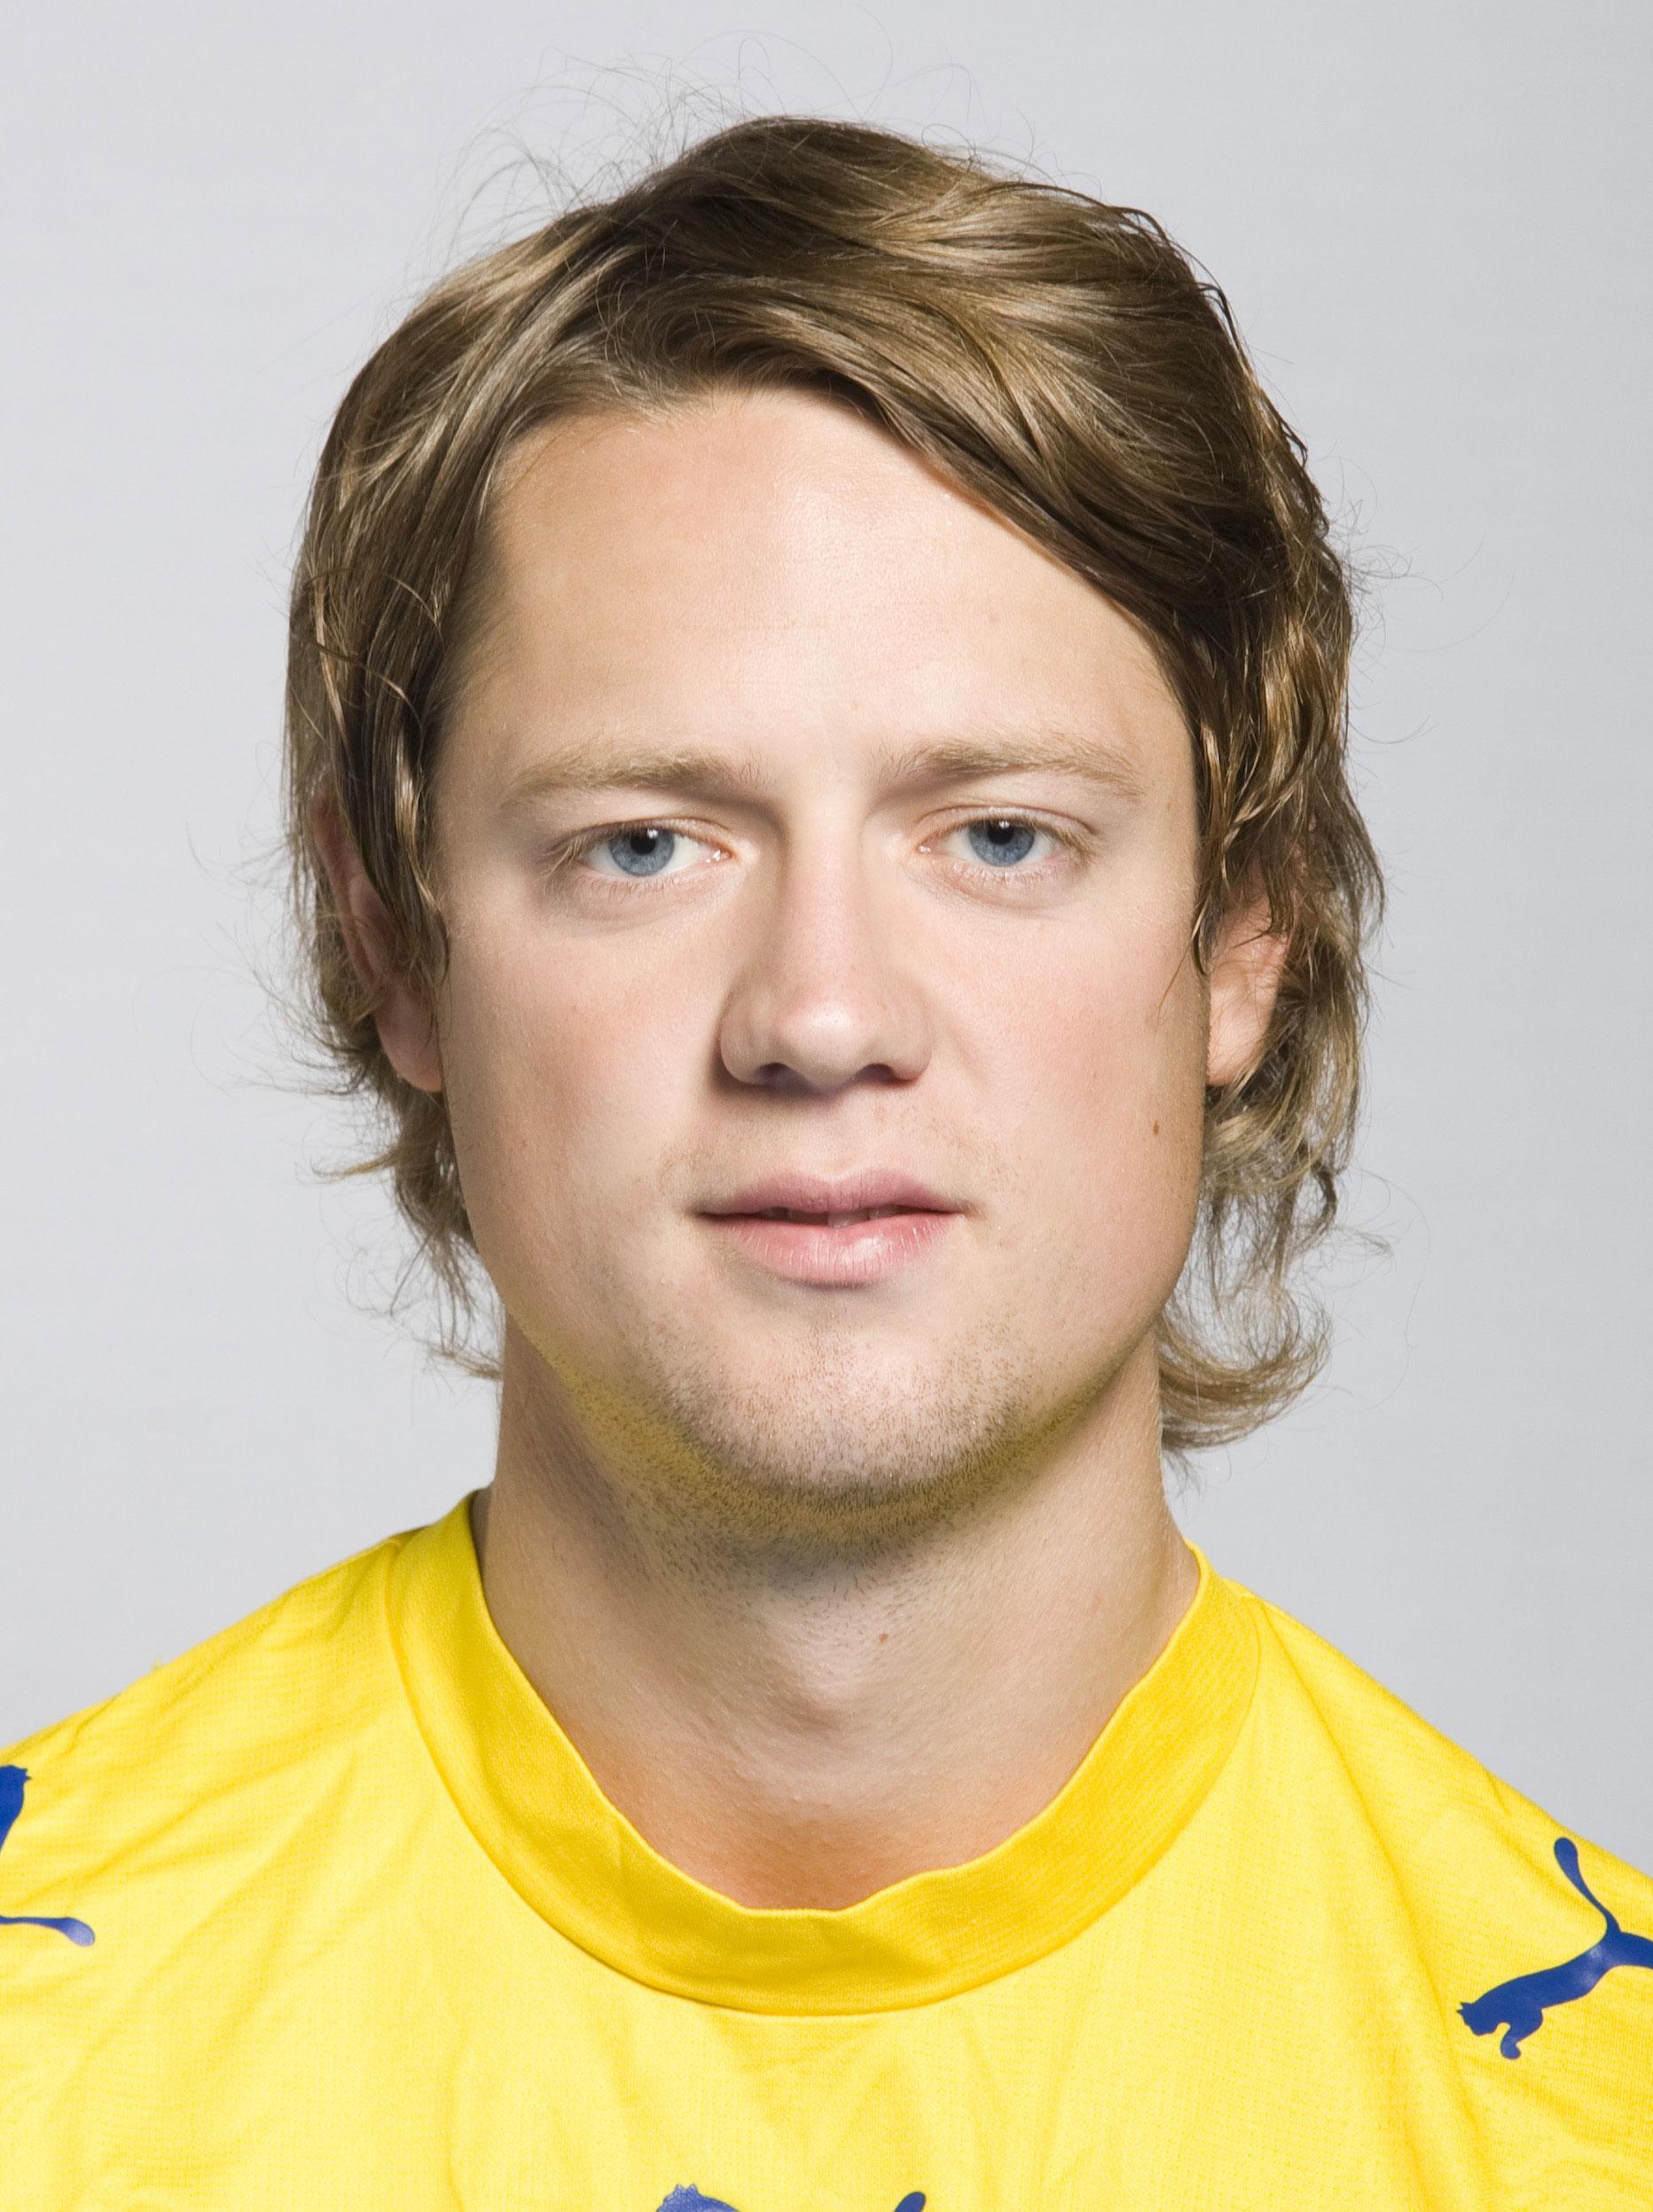 David Gillek